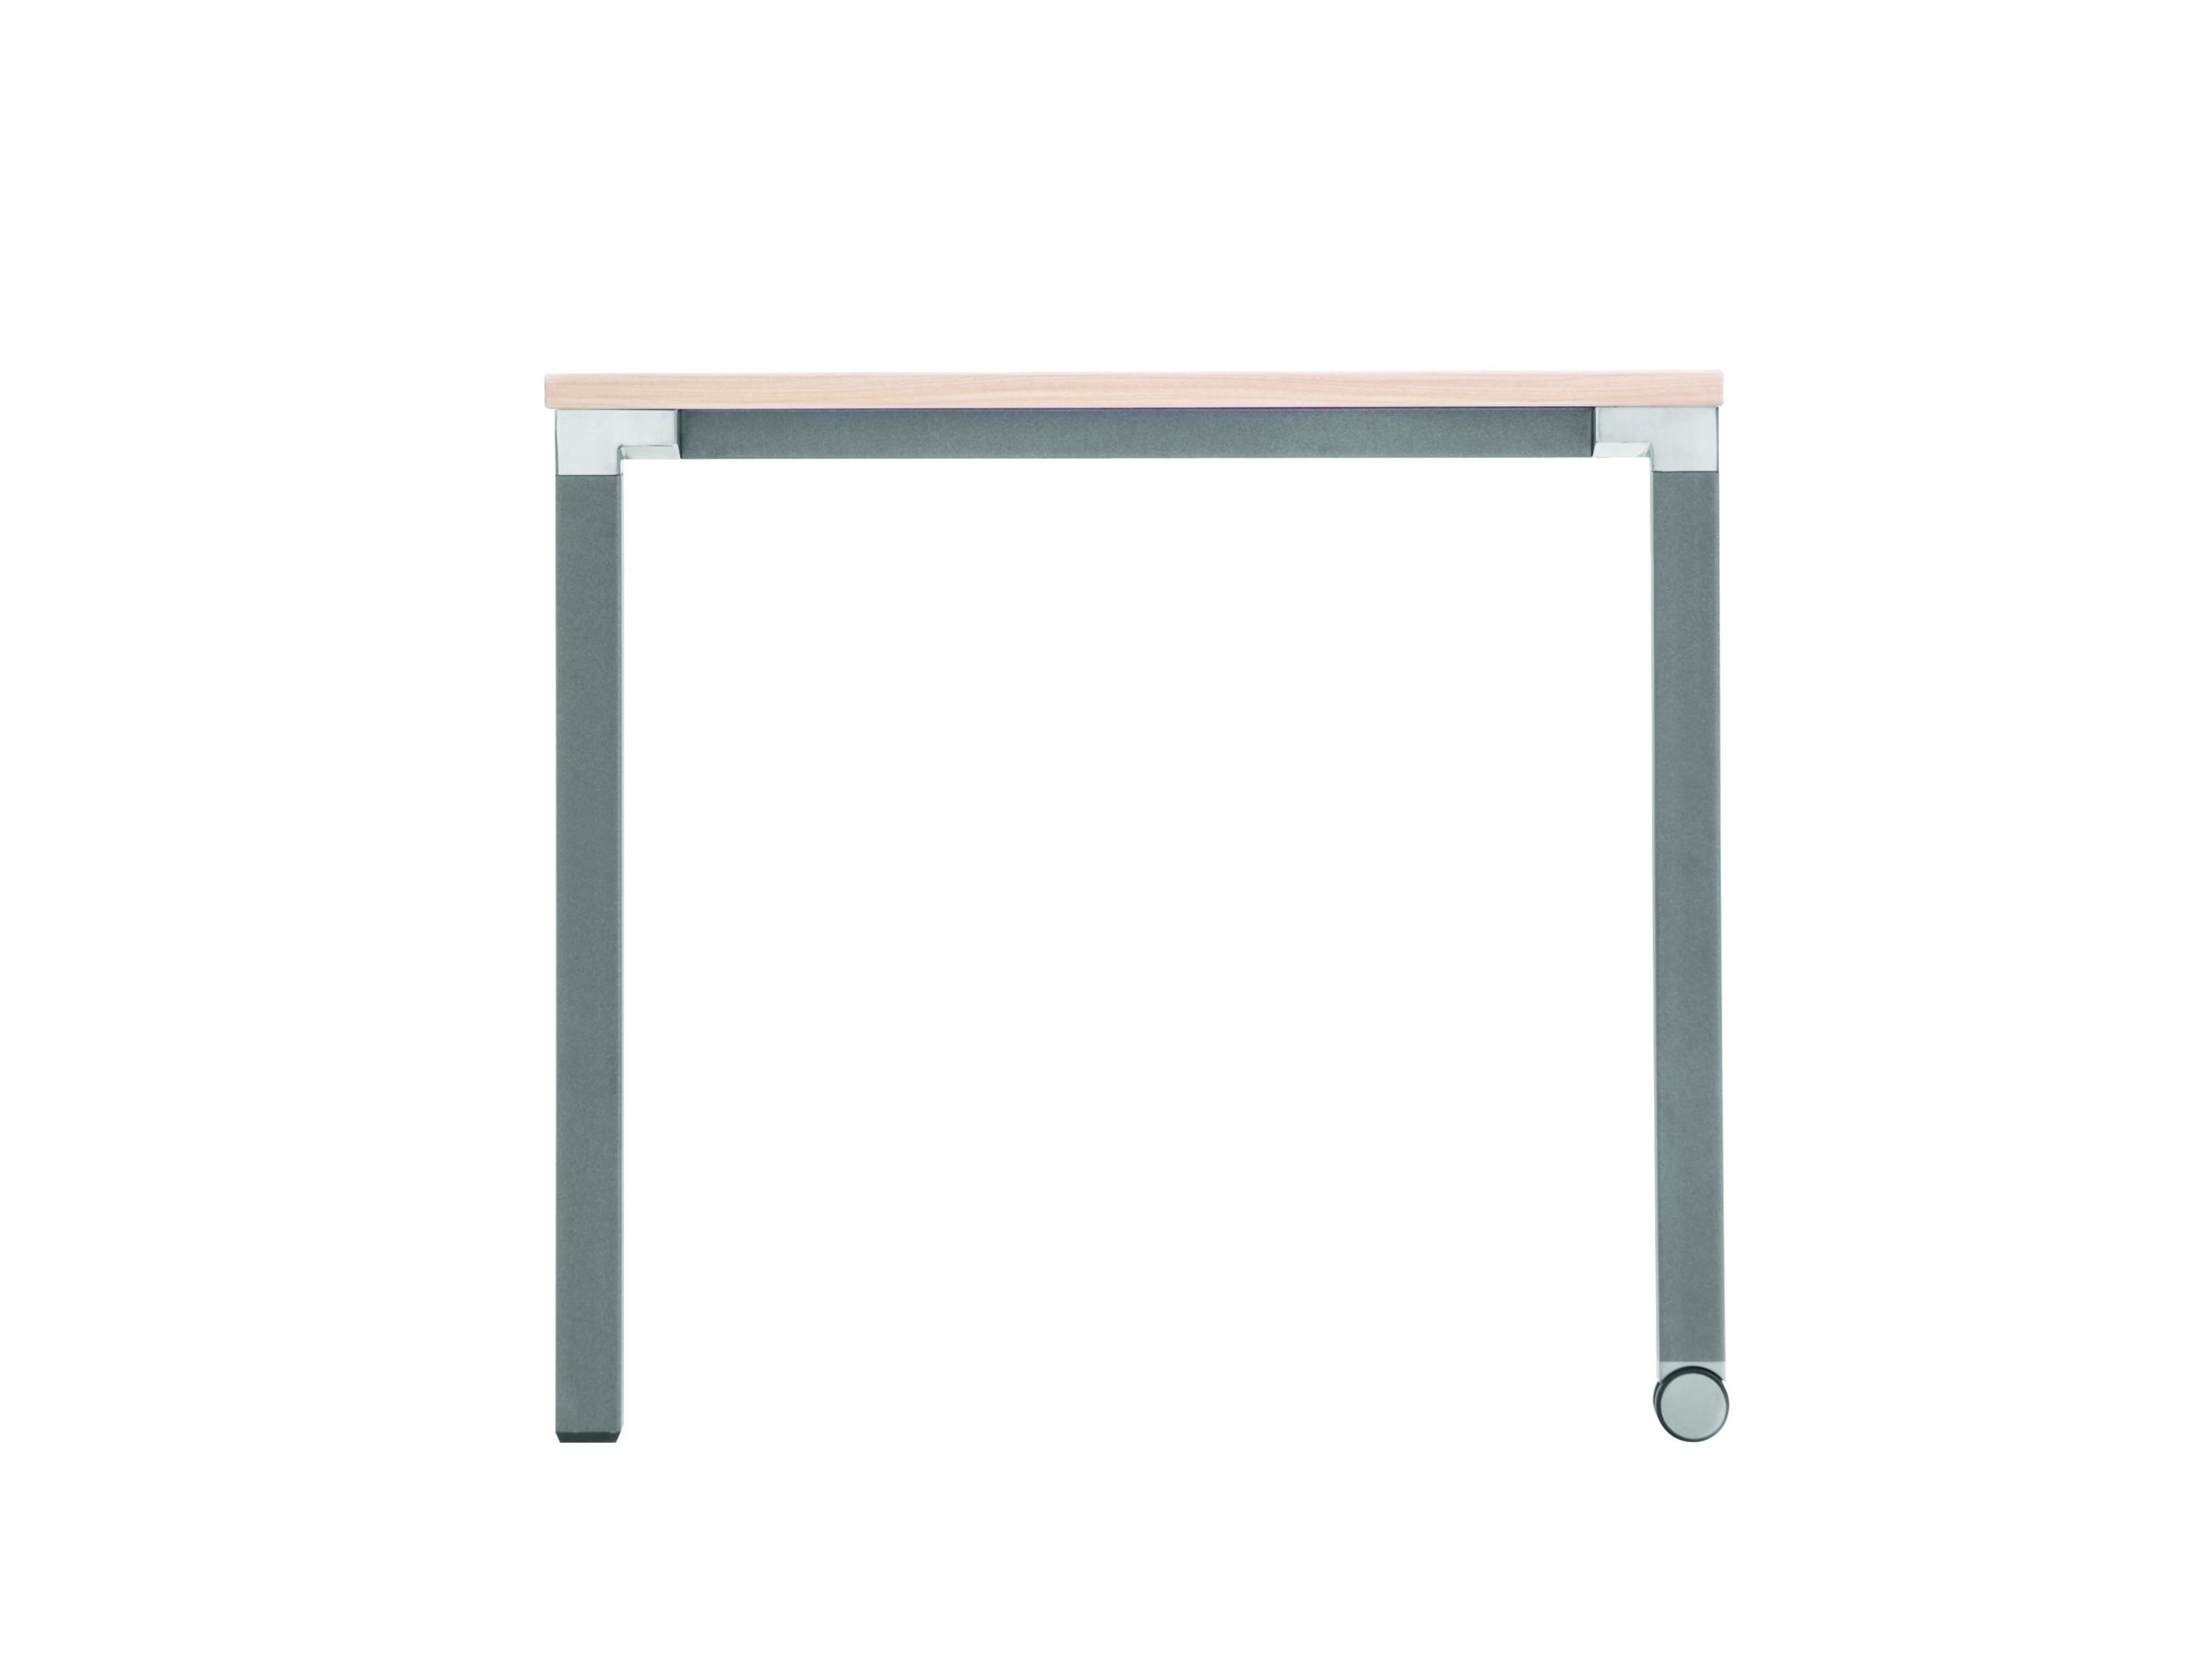 media steelcase. Black Bedroom Furniture Sets. Home Design Ideas